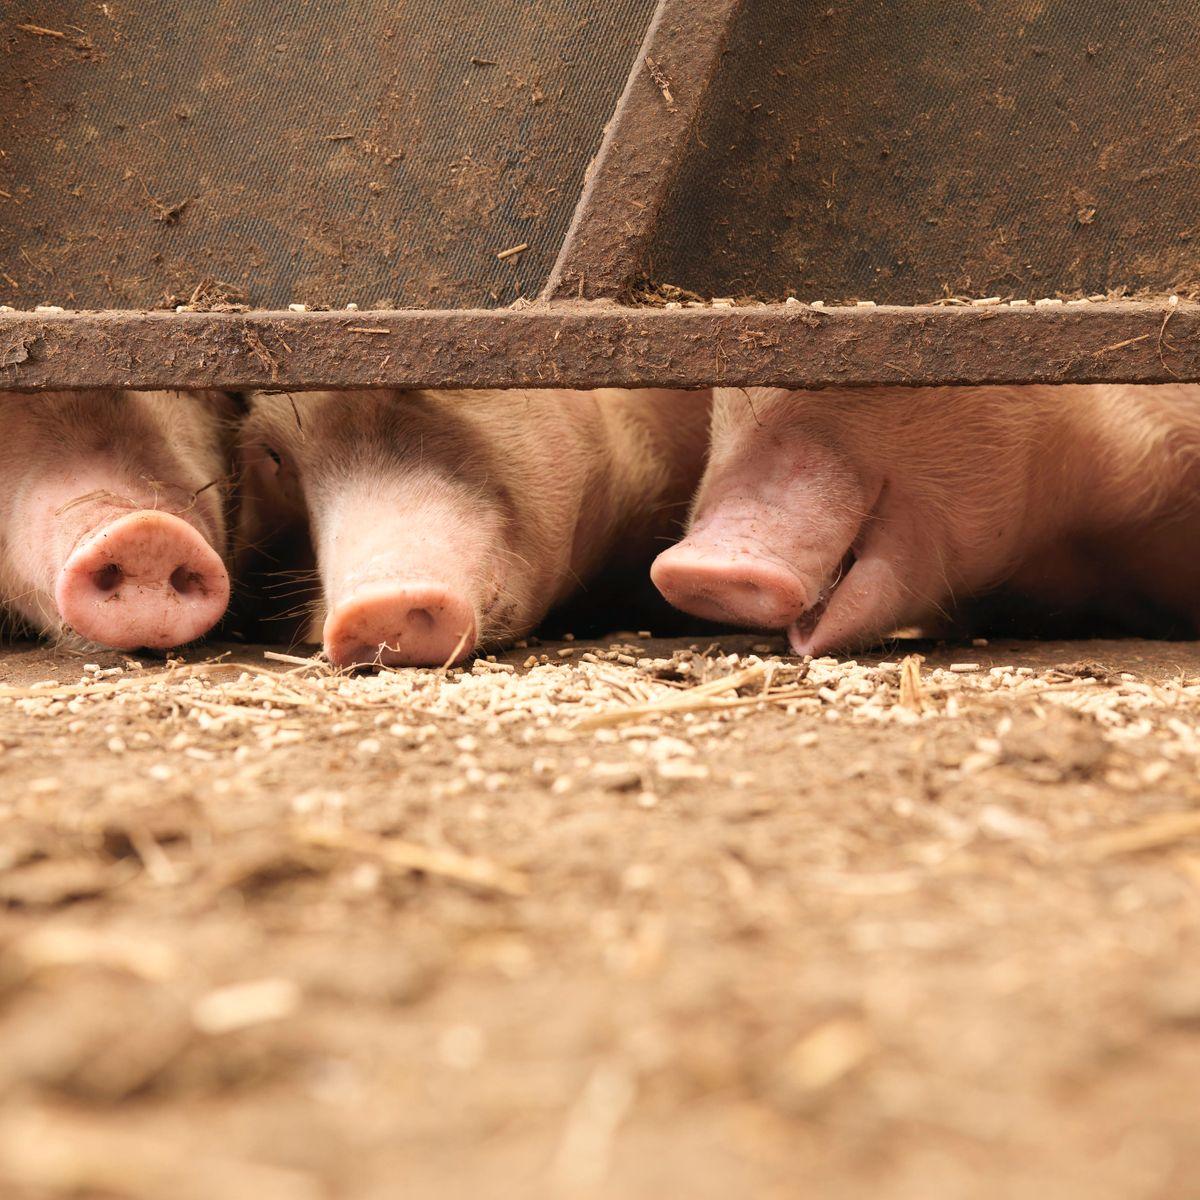 https www spiegel de wissenschaft mensch schweine im toennies skandal bestellt aber nicht abgeholt a 5cca3be3 4669 4bf1 b31a 6029a755573e